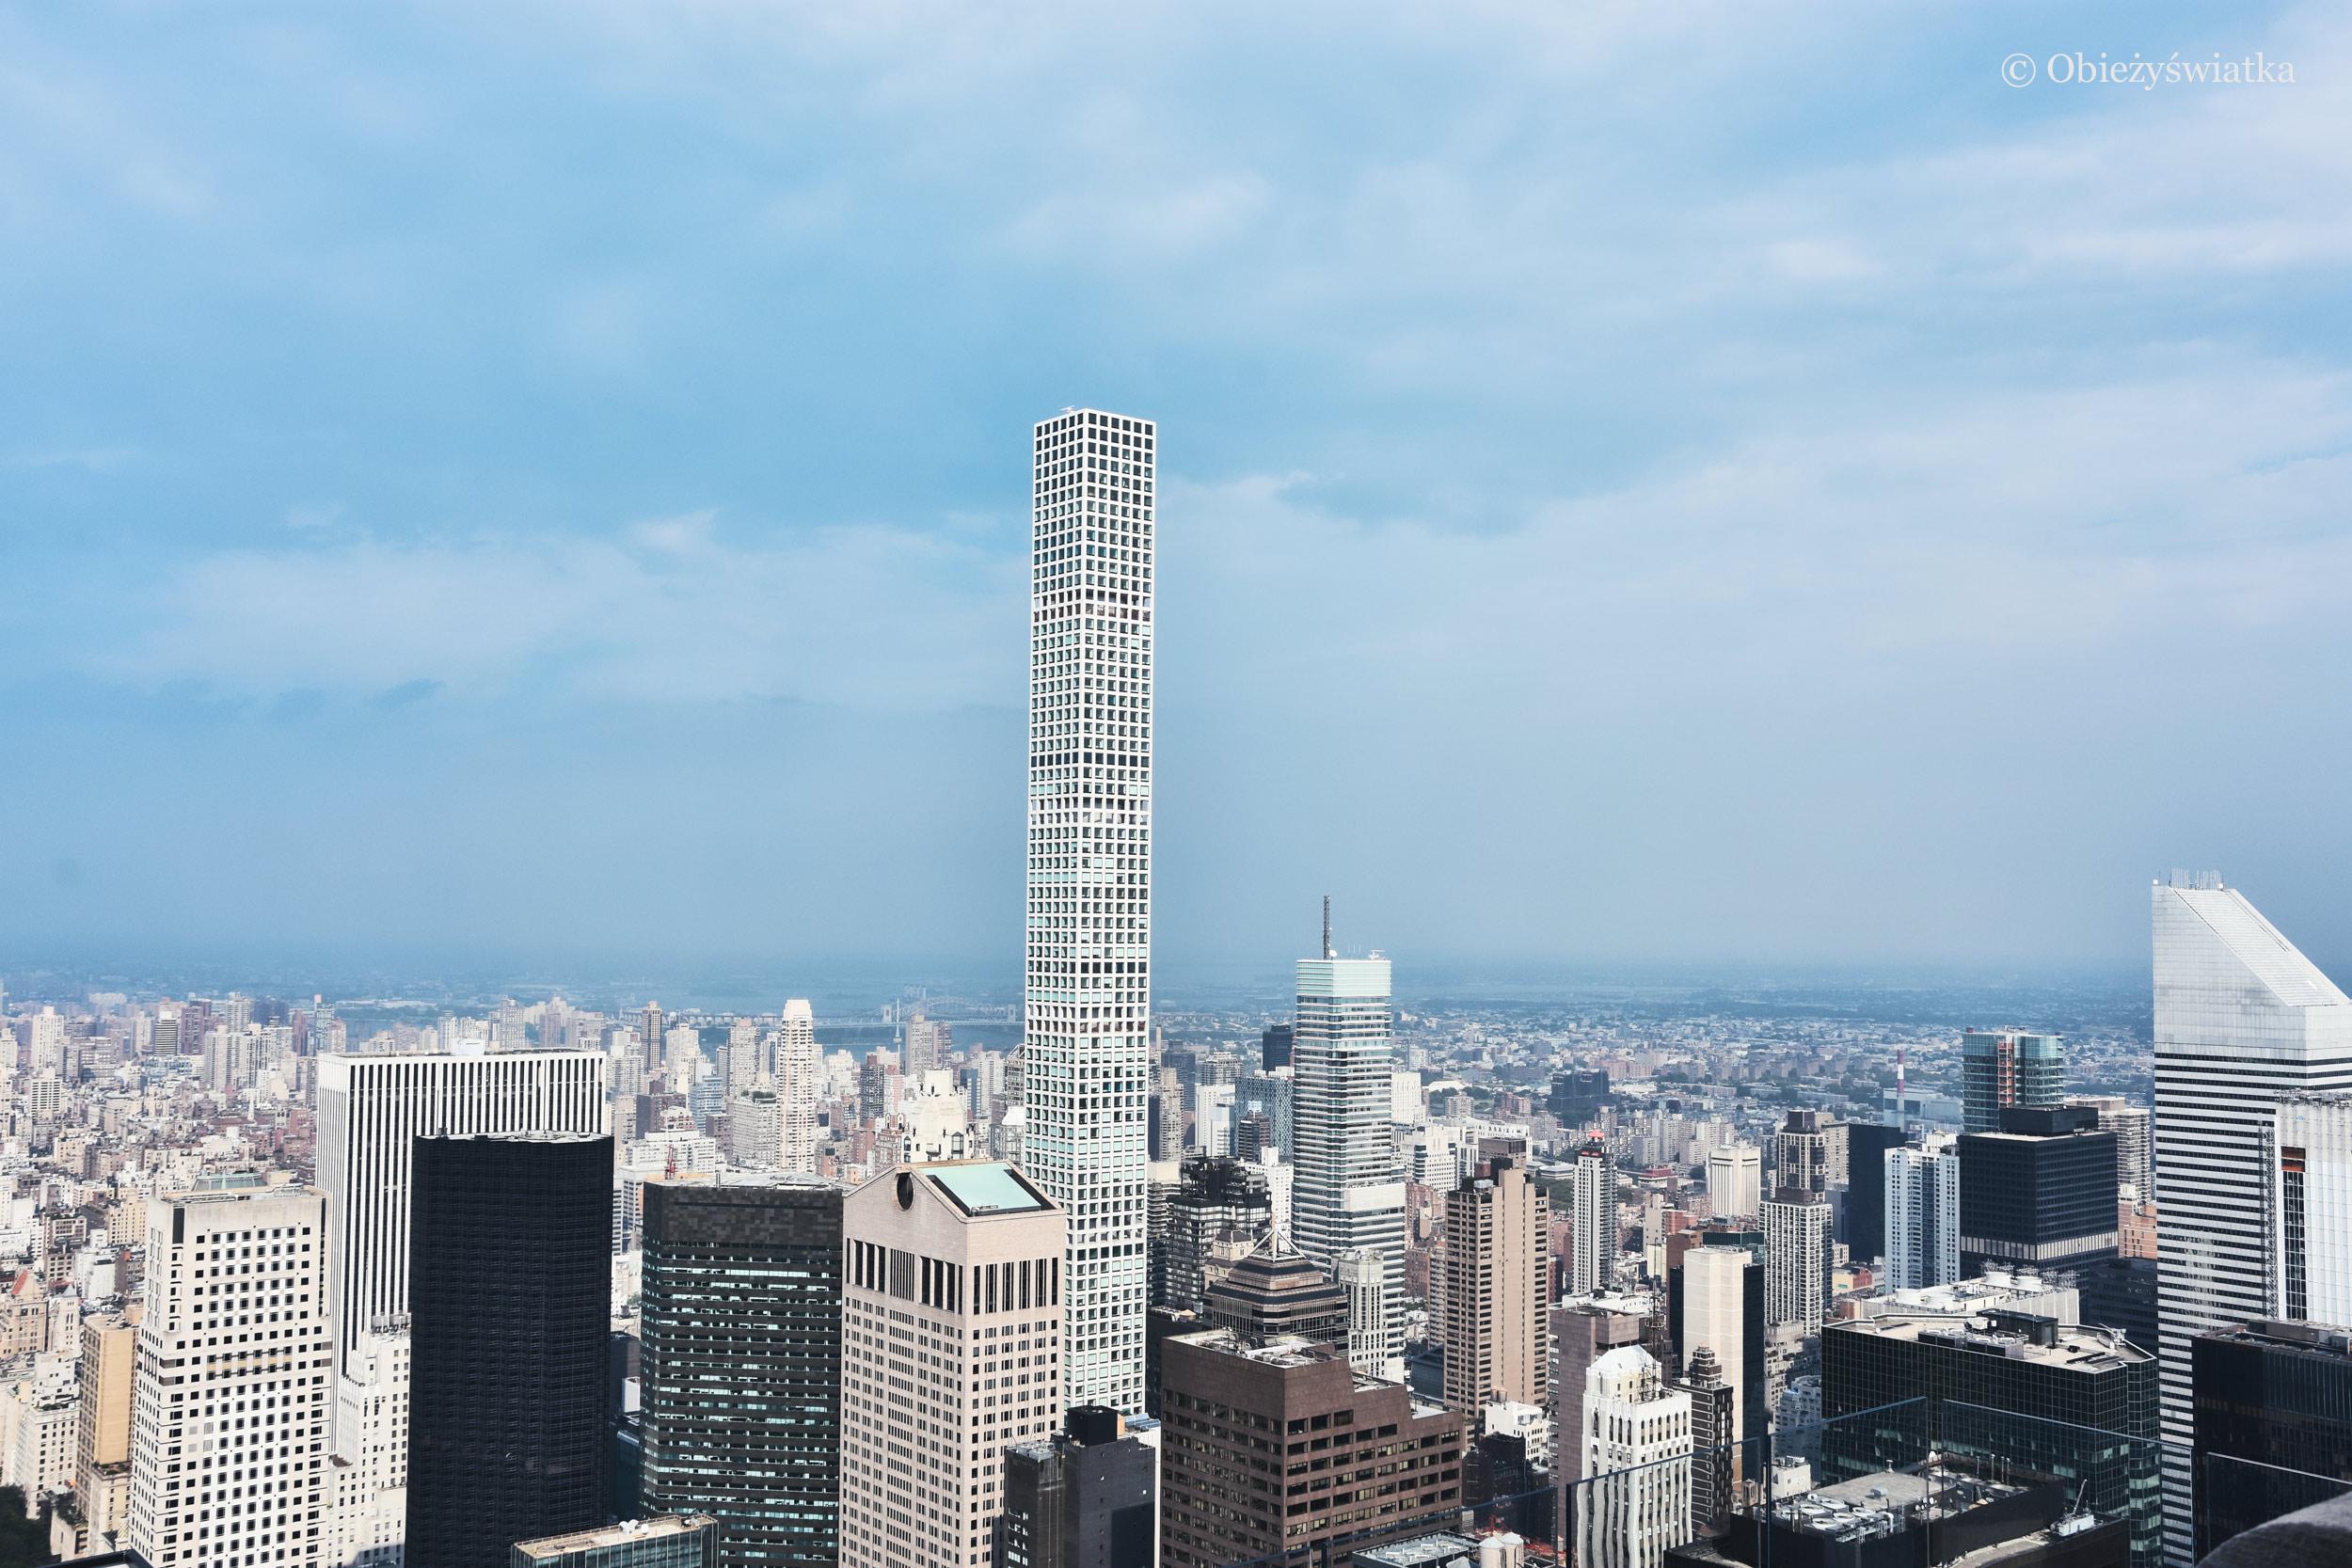 Wieżowiec 432 Park Avenue, drugi pod względem wysokości budynek Nowego Jorku